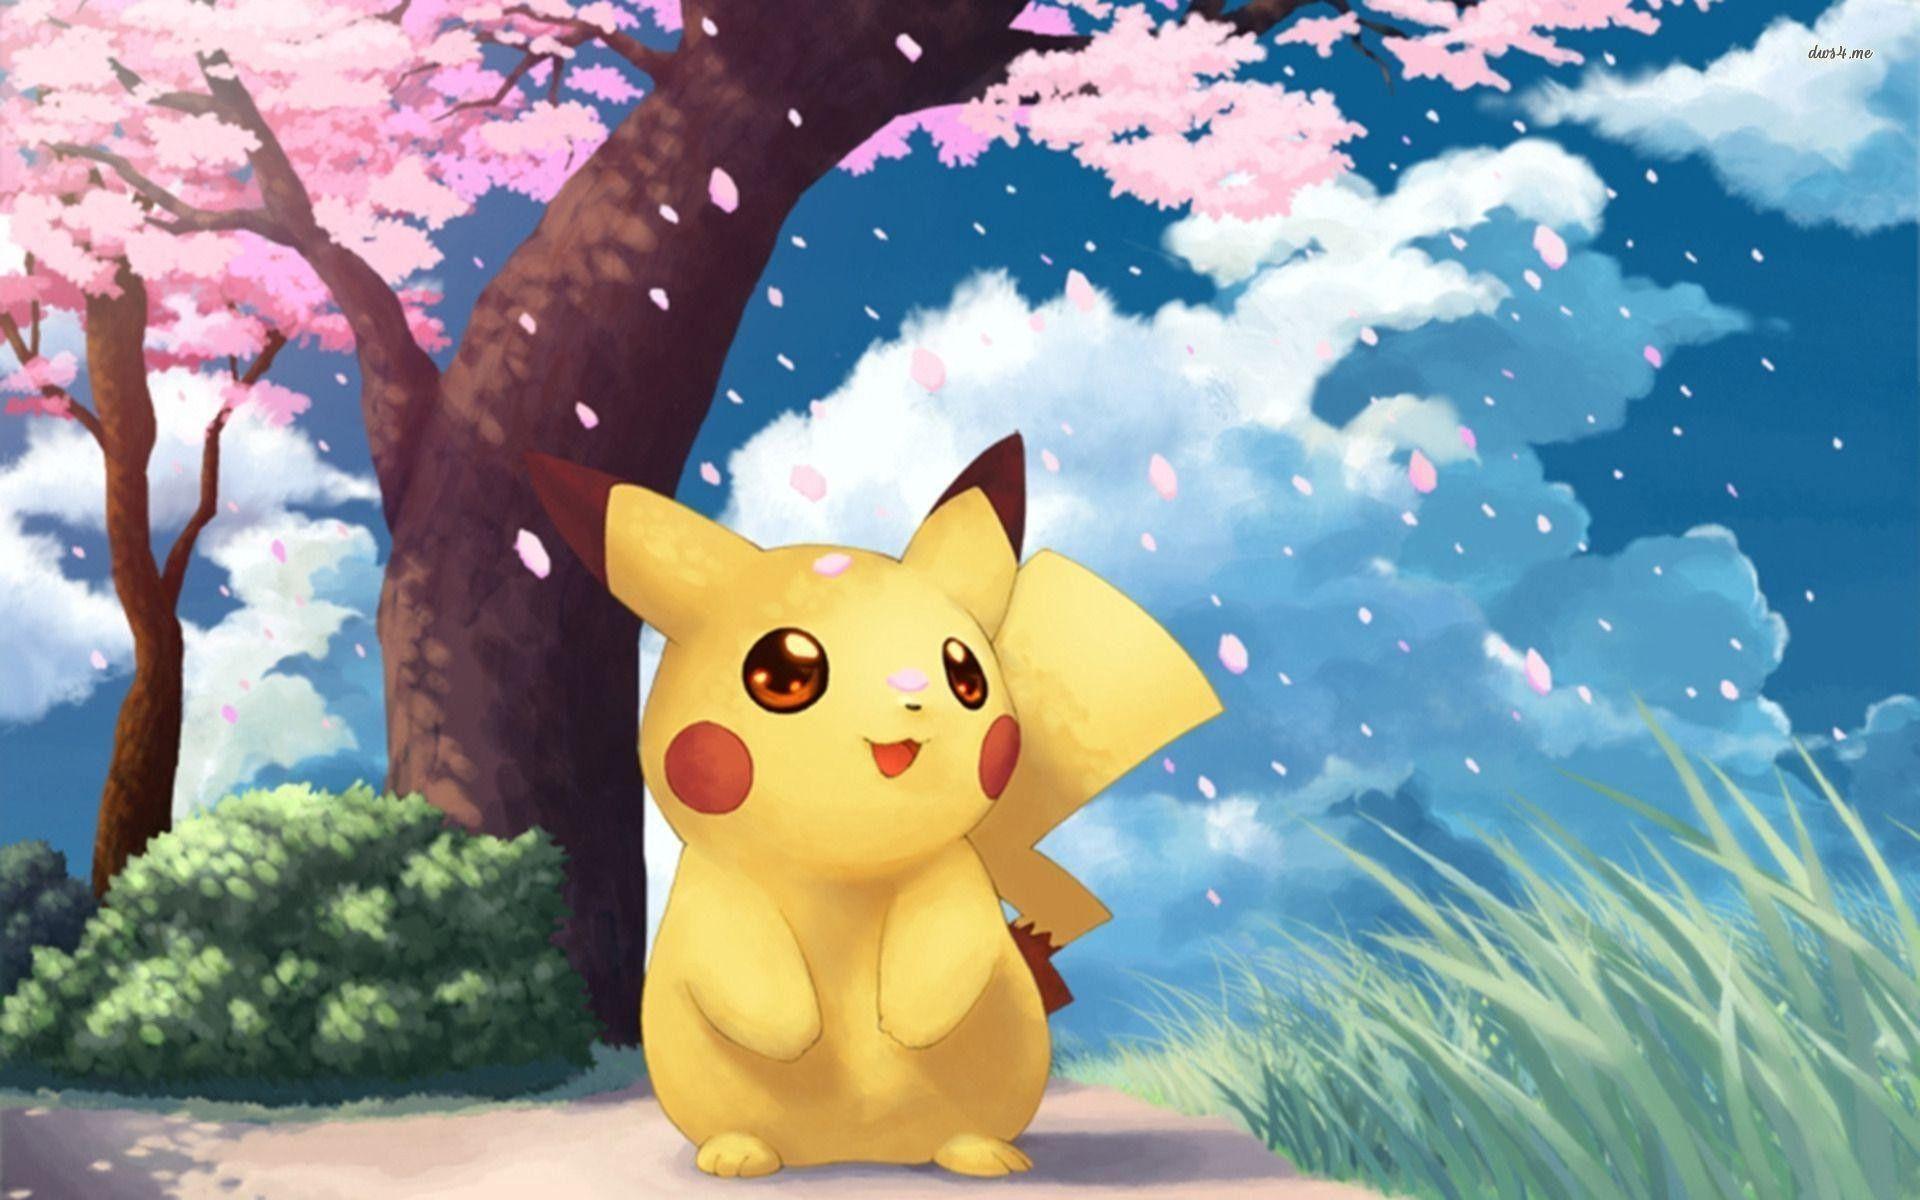 Hình nền Pikachu dễ thương 1920x1200